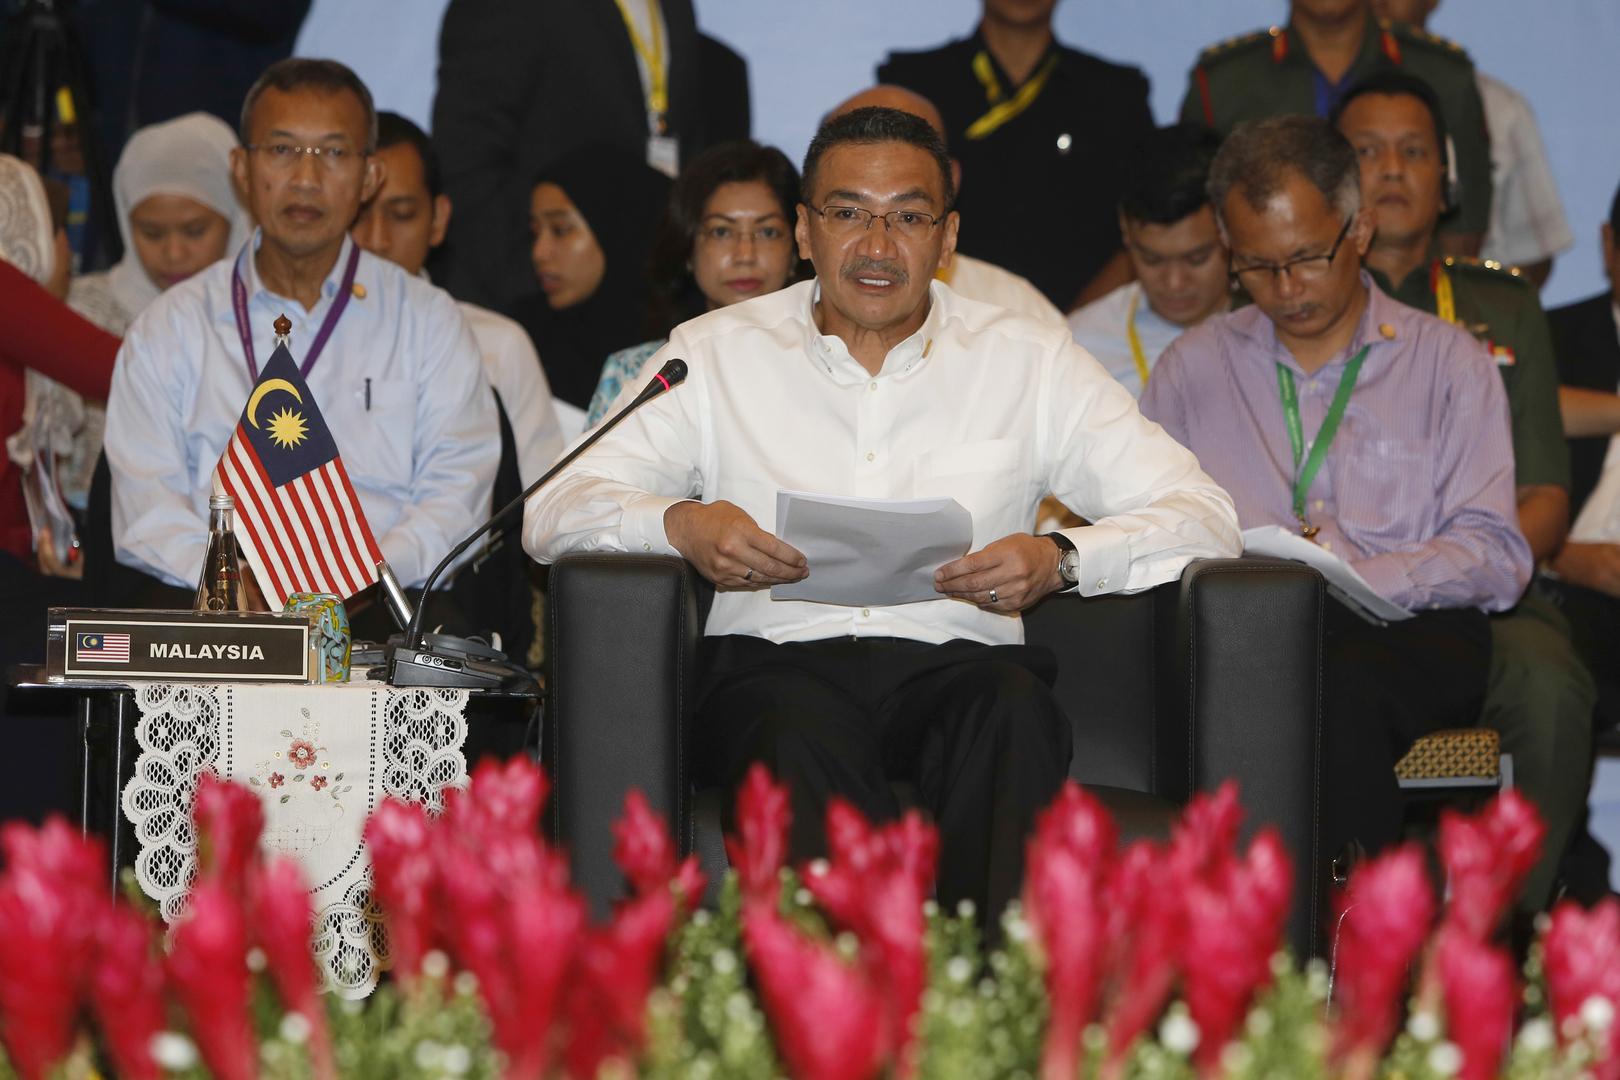 وزير الدفاع الماليزي هشام الدين حسين